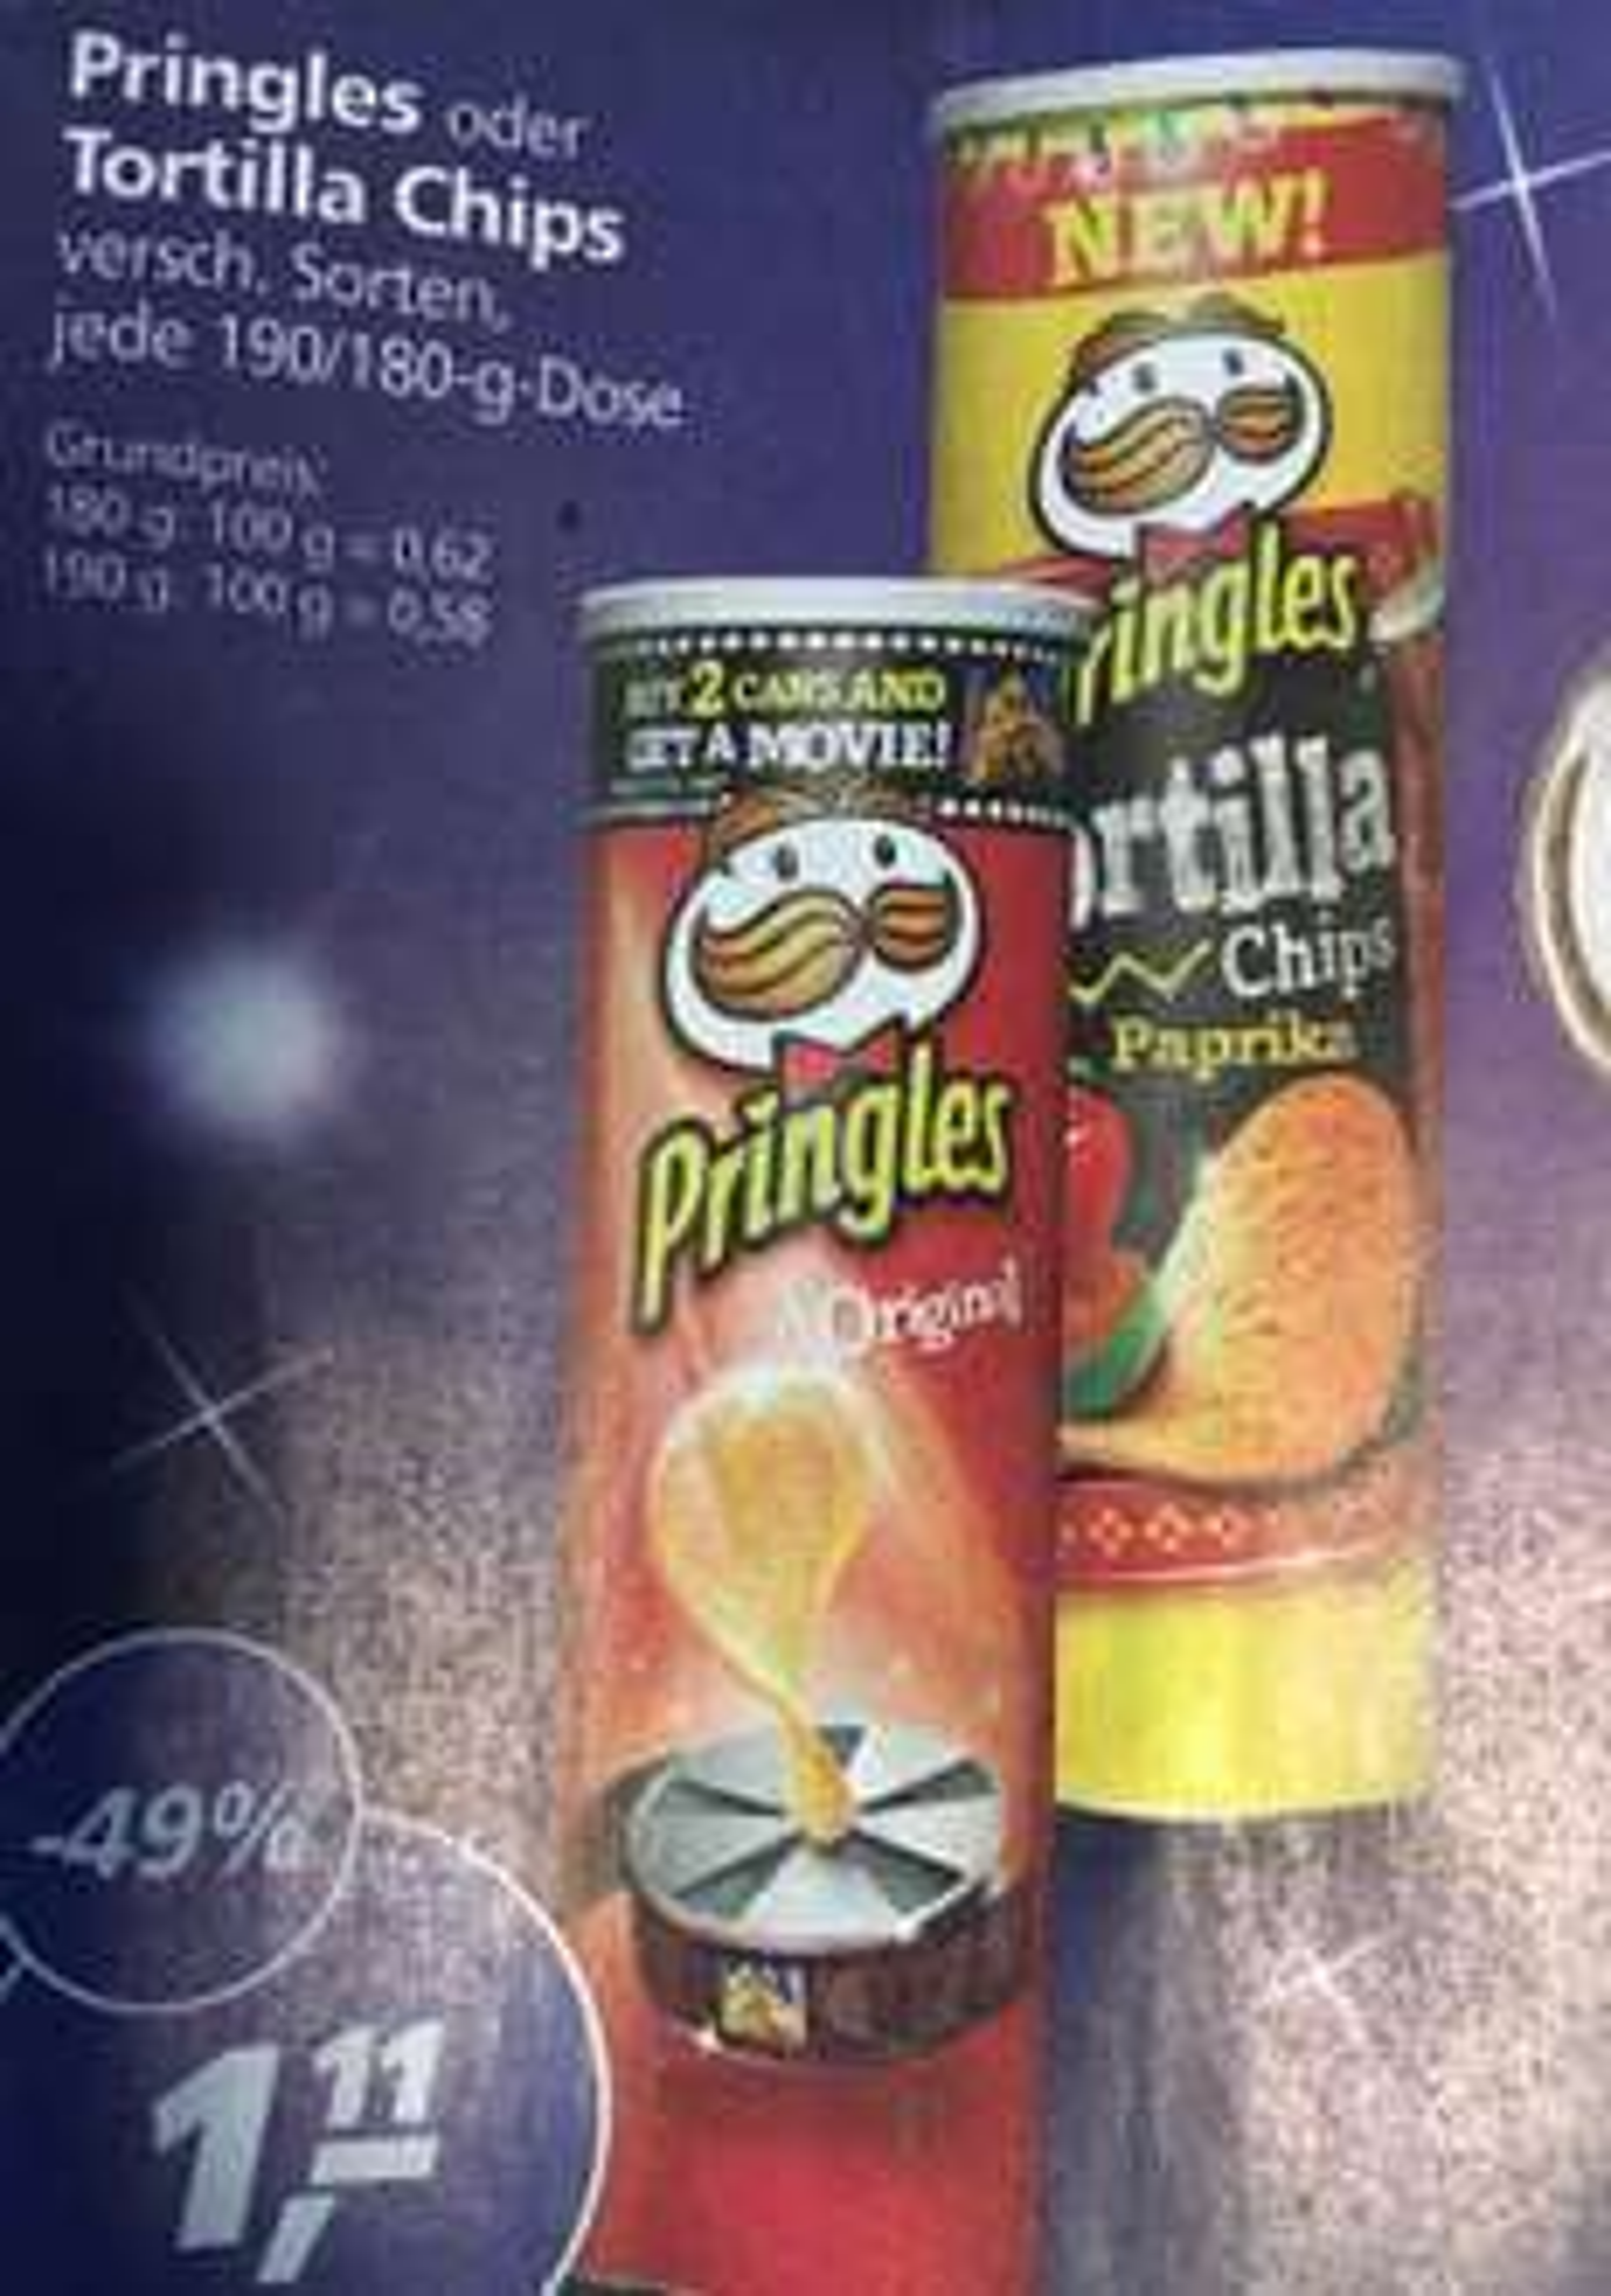 [Real] Pringles versch. Sorten für € 1,11